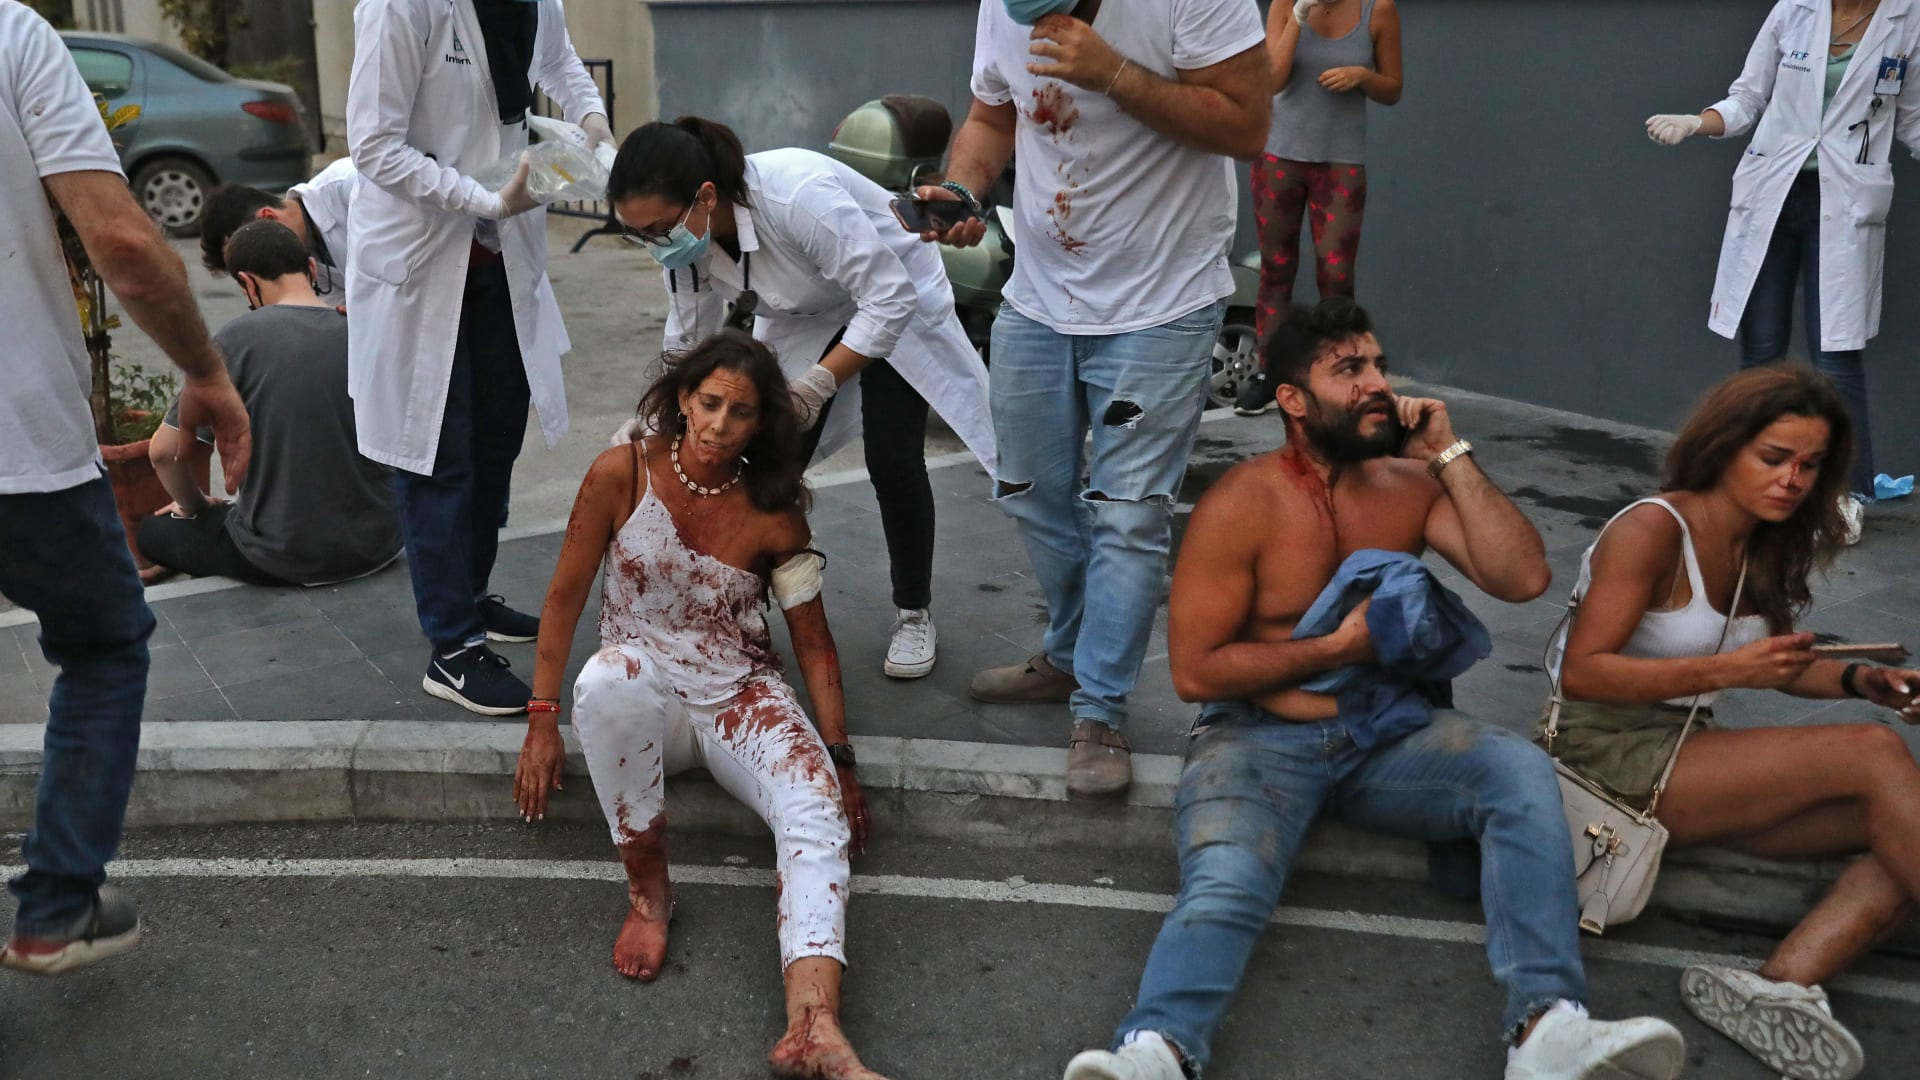 لبنانيون يروون الرعب الذي عاشوه لحظة انفجار بيروت: لبنان سوف يعود